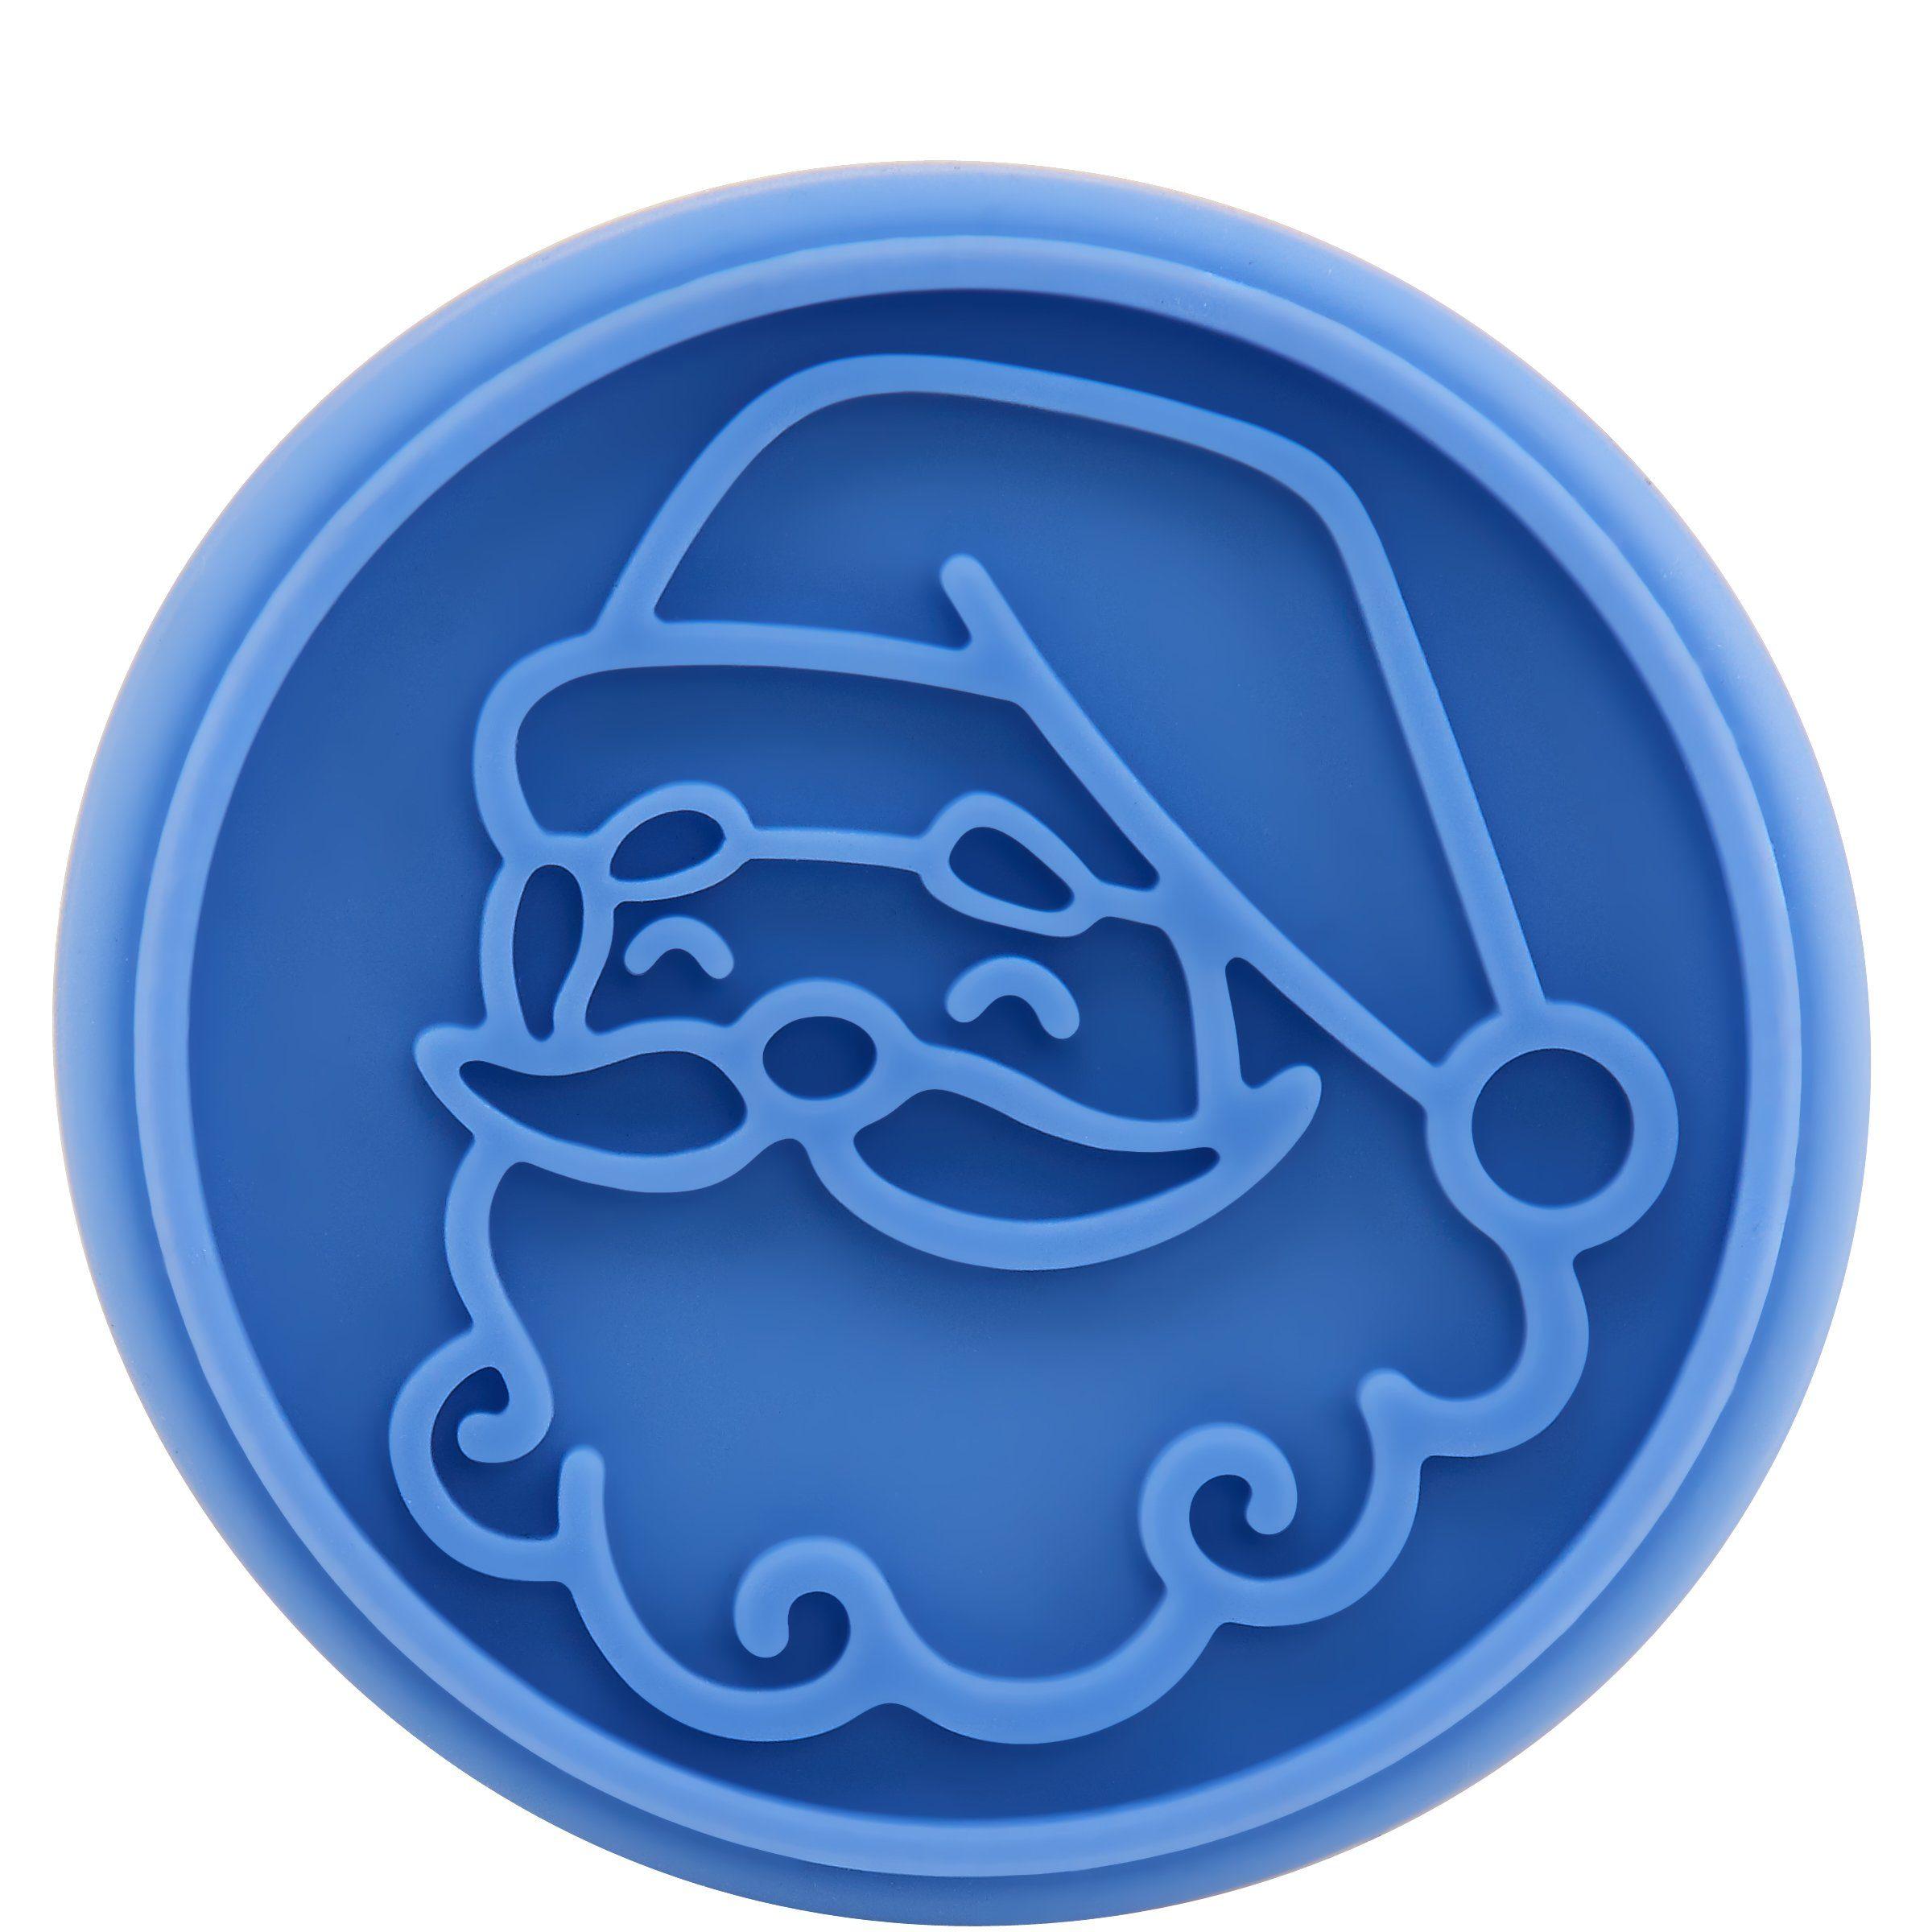 BUTLERS BISCUIT Keksstempel Weihnachtsmann »Weihnachtsplätzchen Stempel Plätzchenstempel«